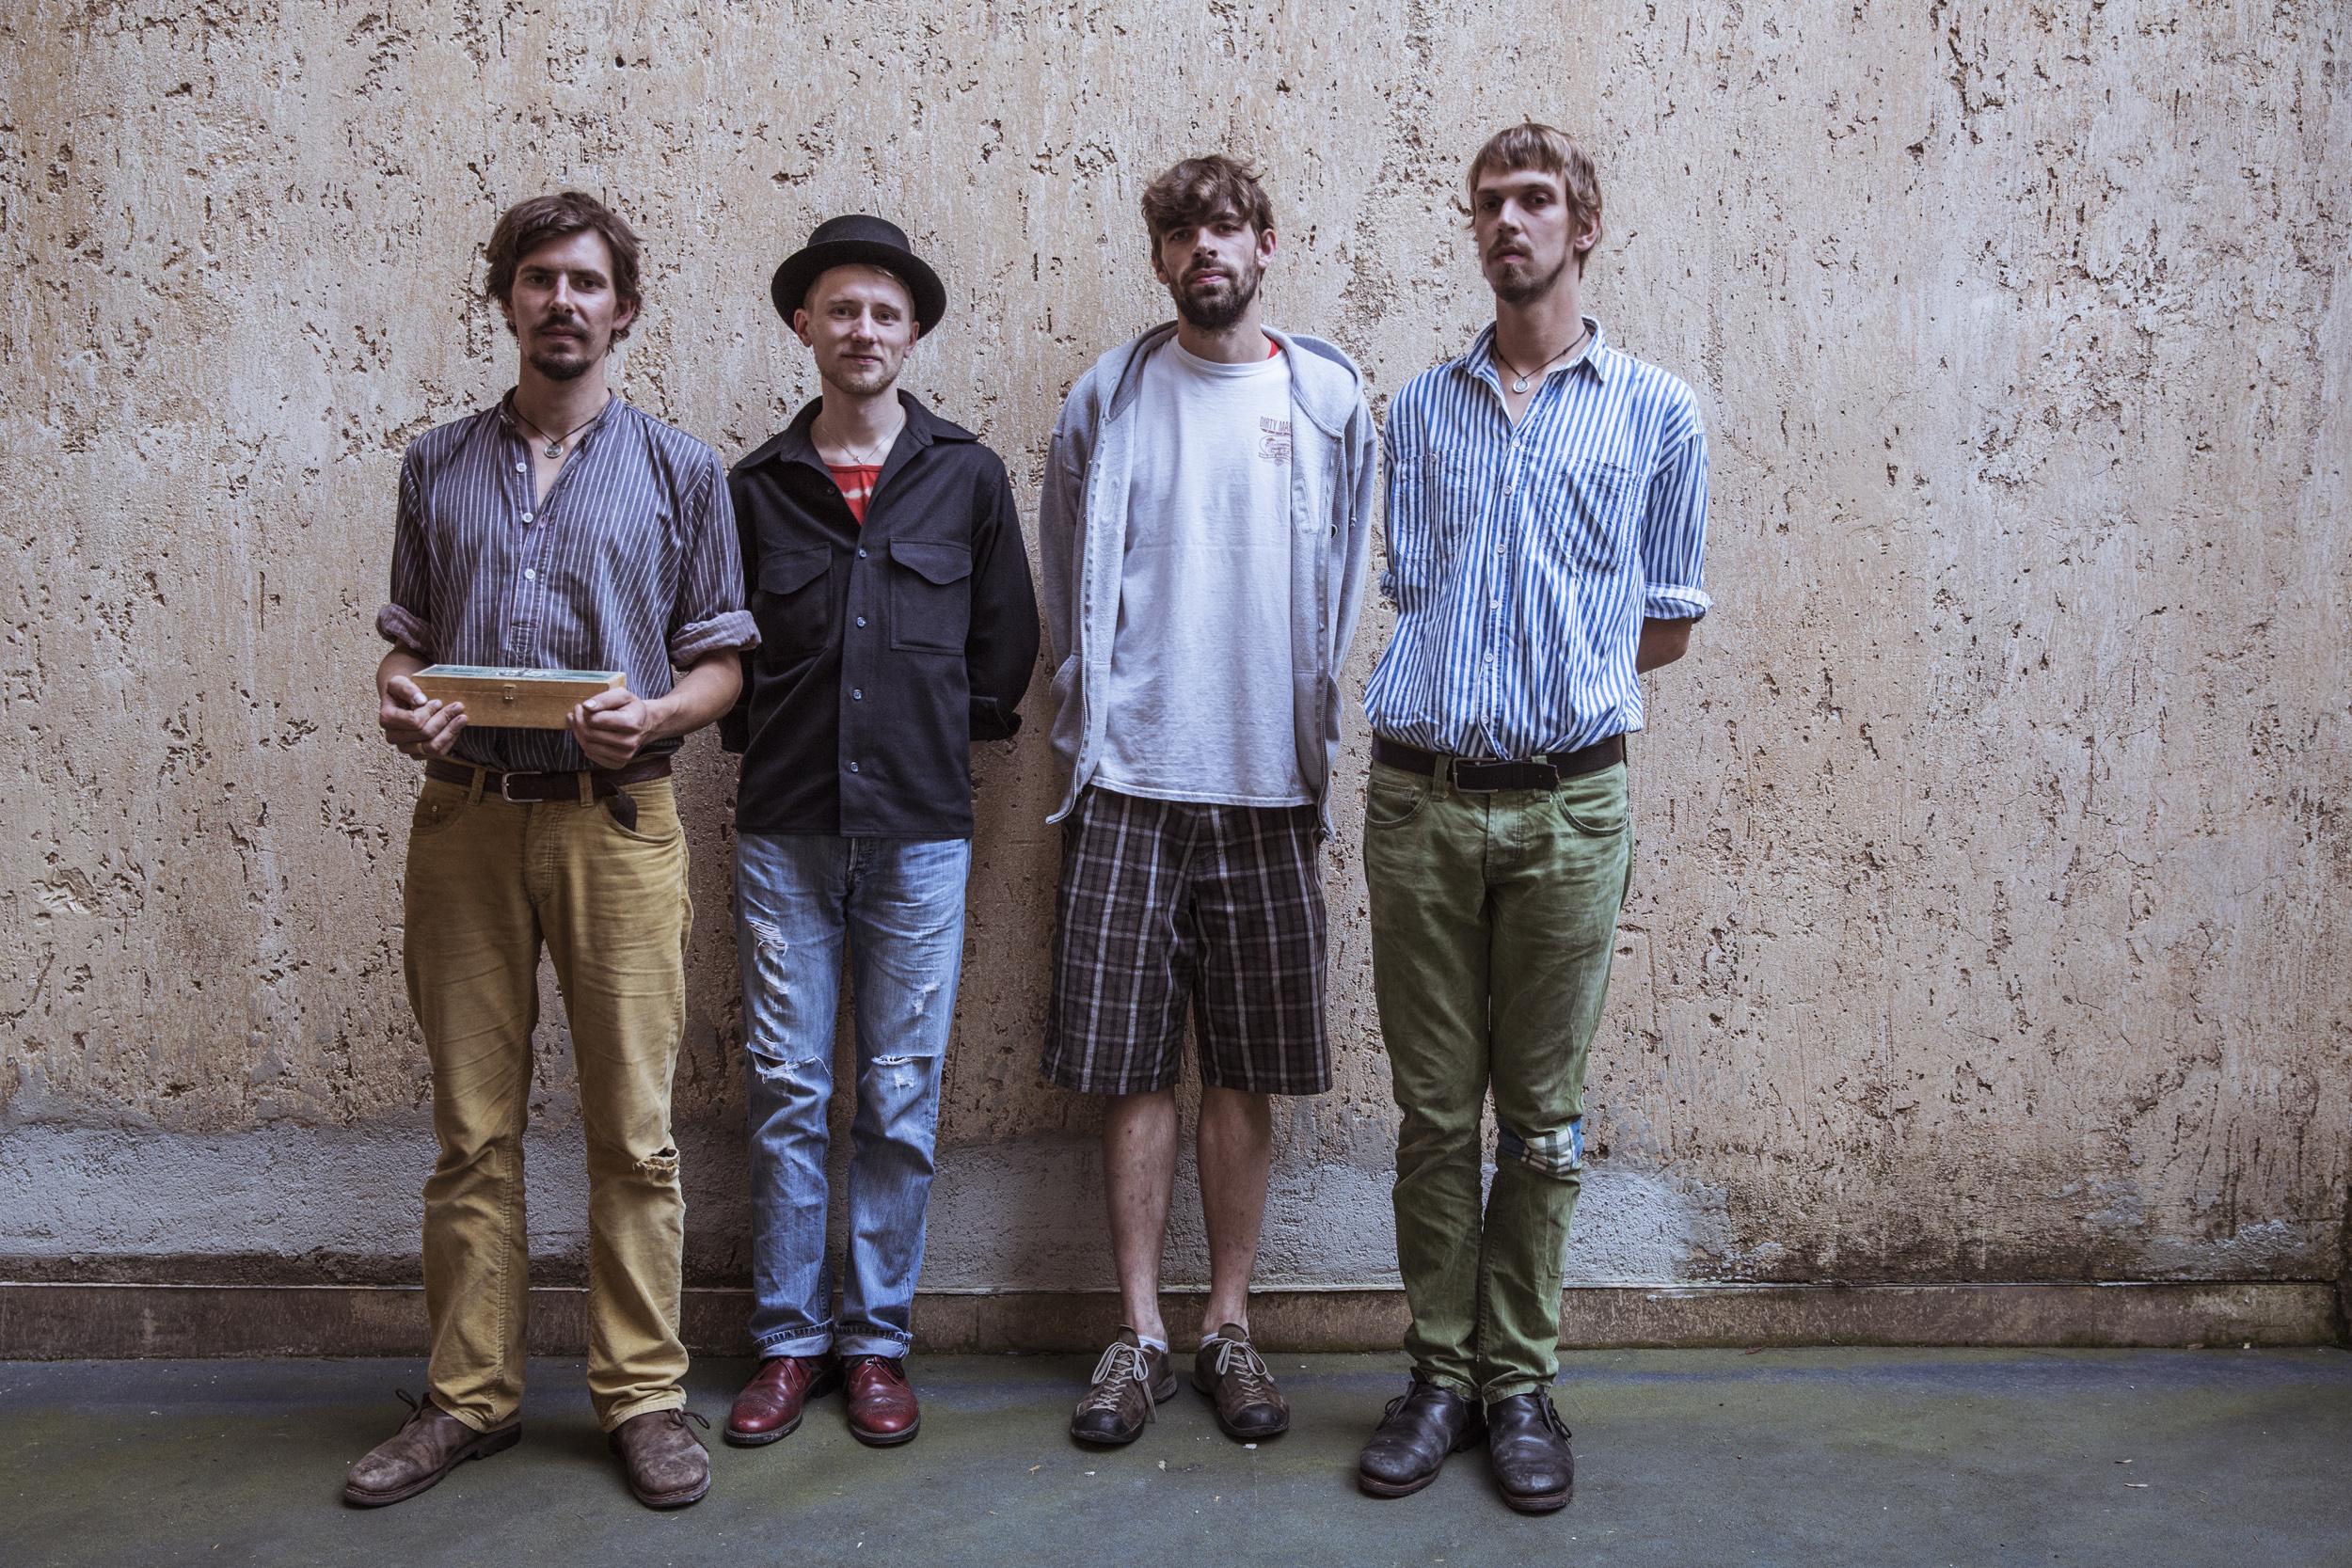 Habe die Ehre: die Band Kofelgschroa mit Maxi Pongratz (ganz rechts) © Jonas Kraus